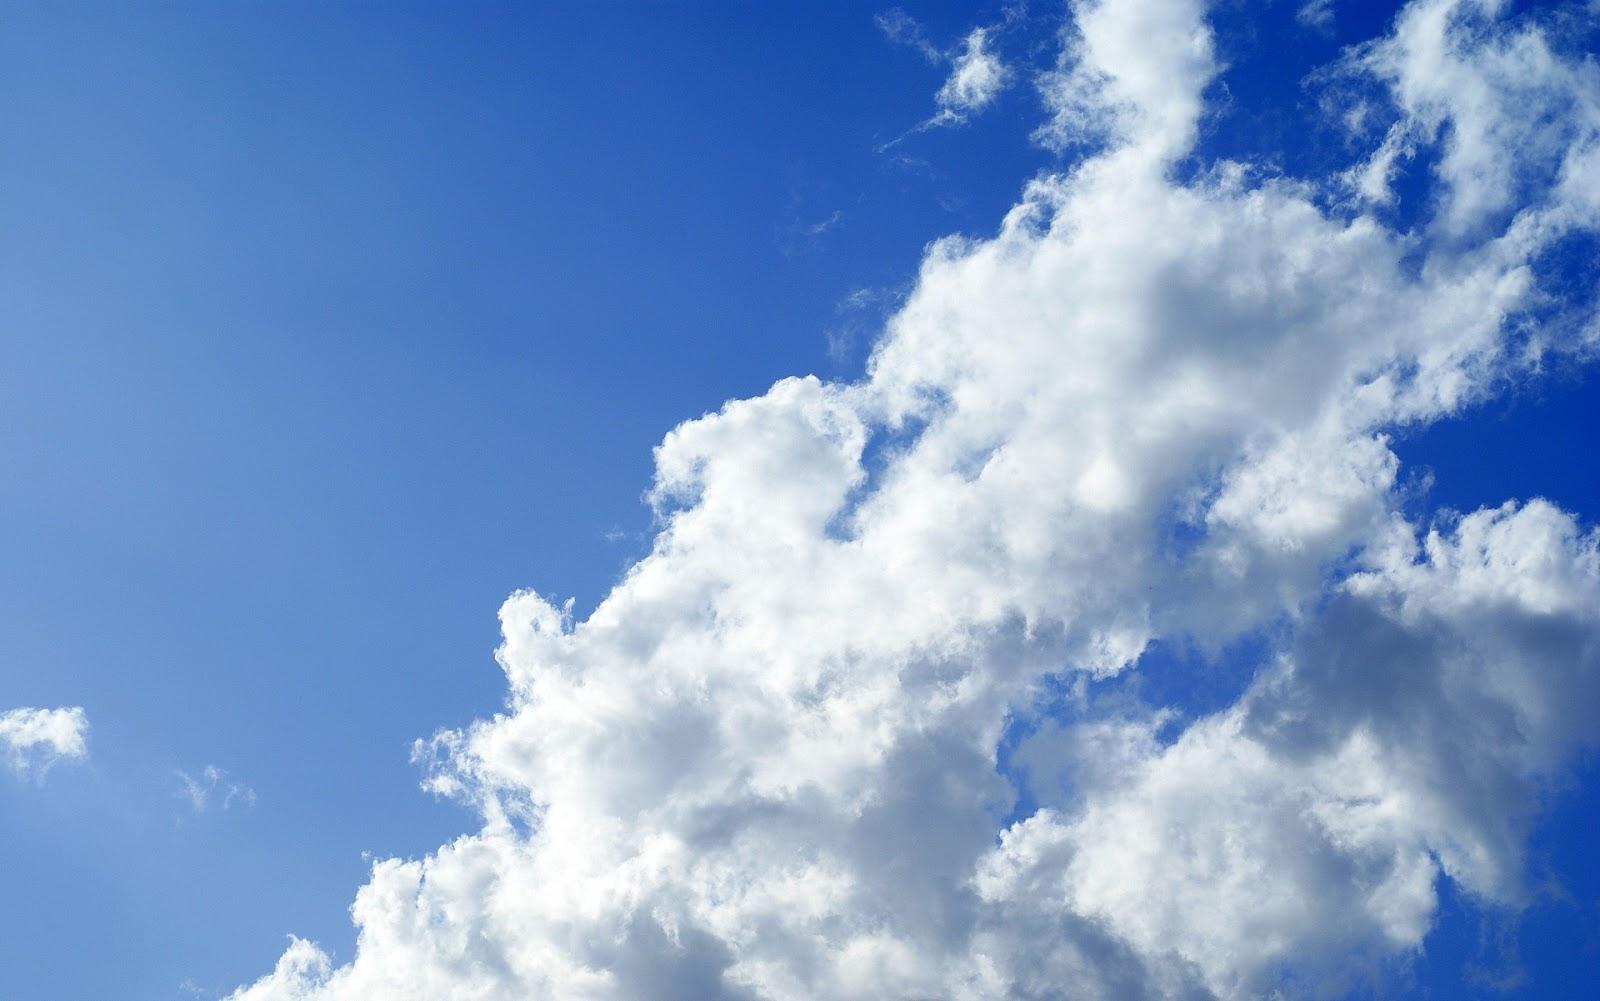 Blue Sky Wallpaper Hd: Sky Cloud Wallpapers Hd